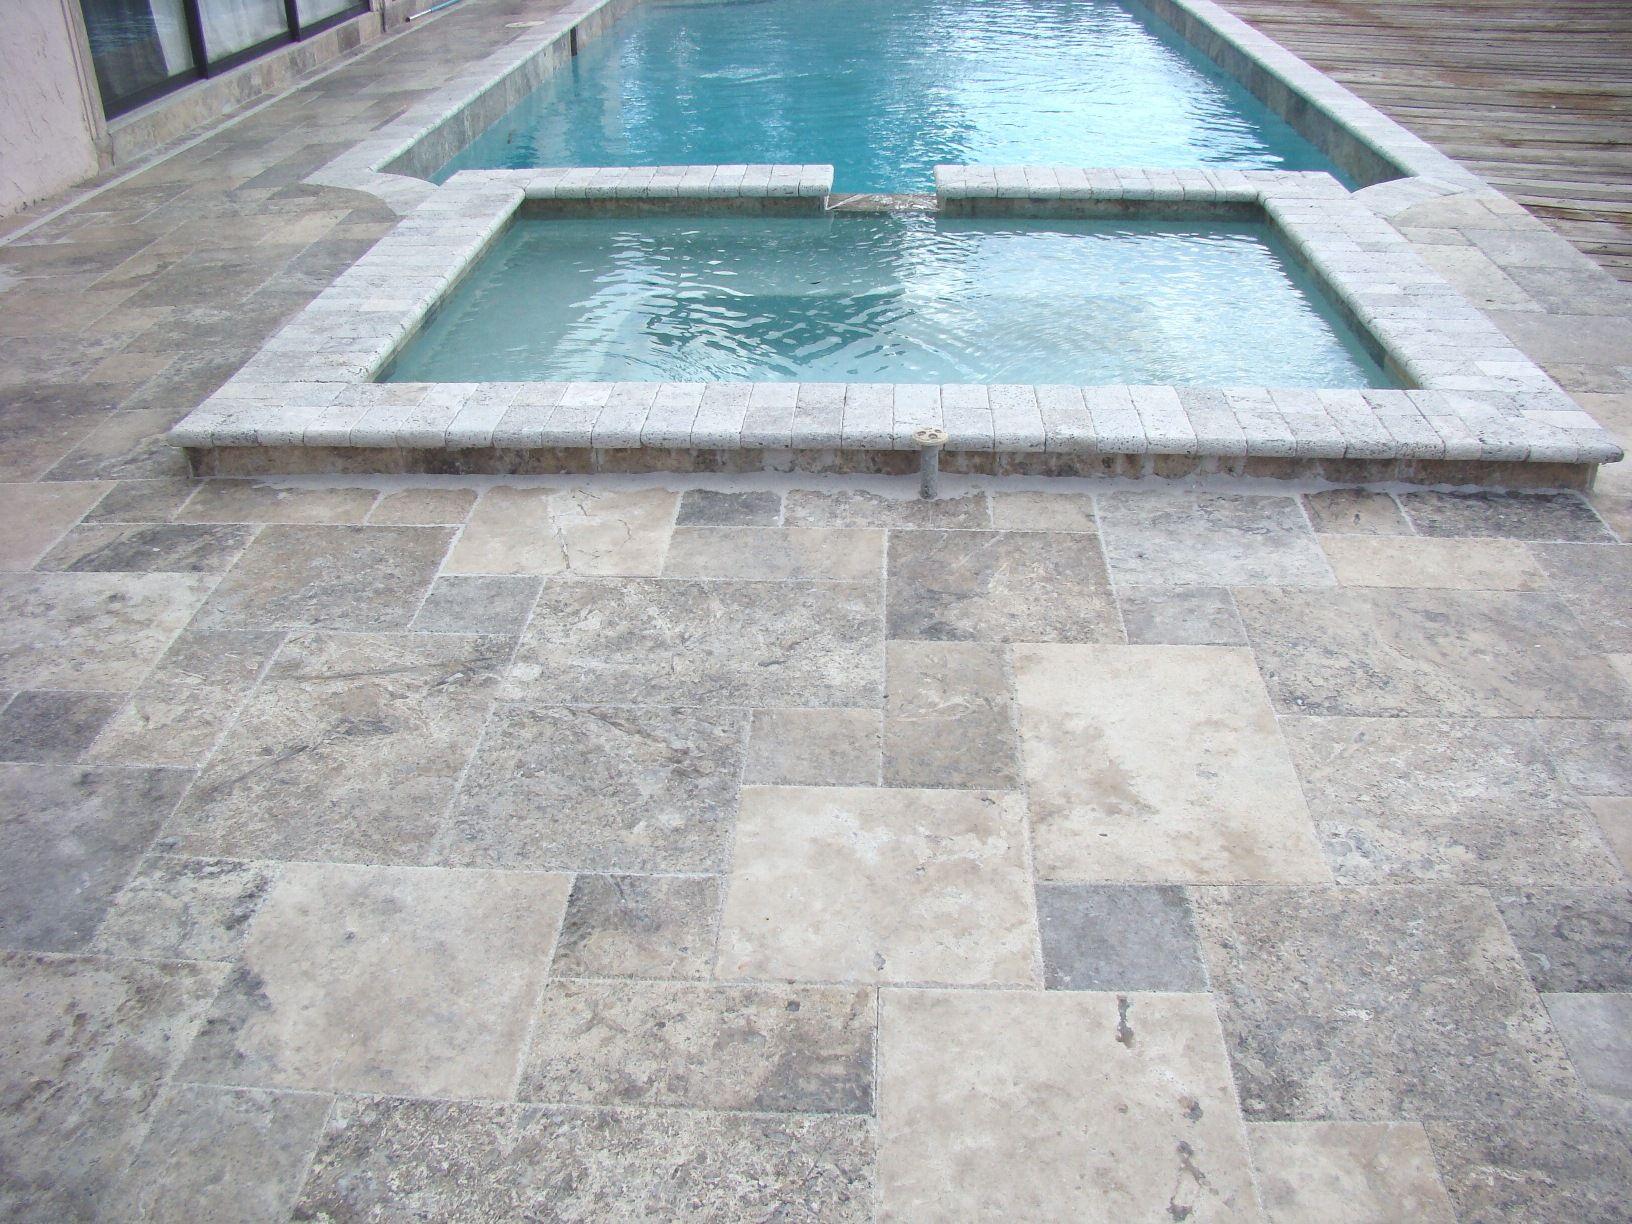 stone deck tiles on pool : stone deck tiles ideas – design ideas